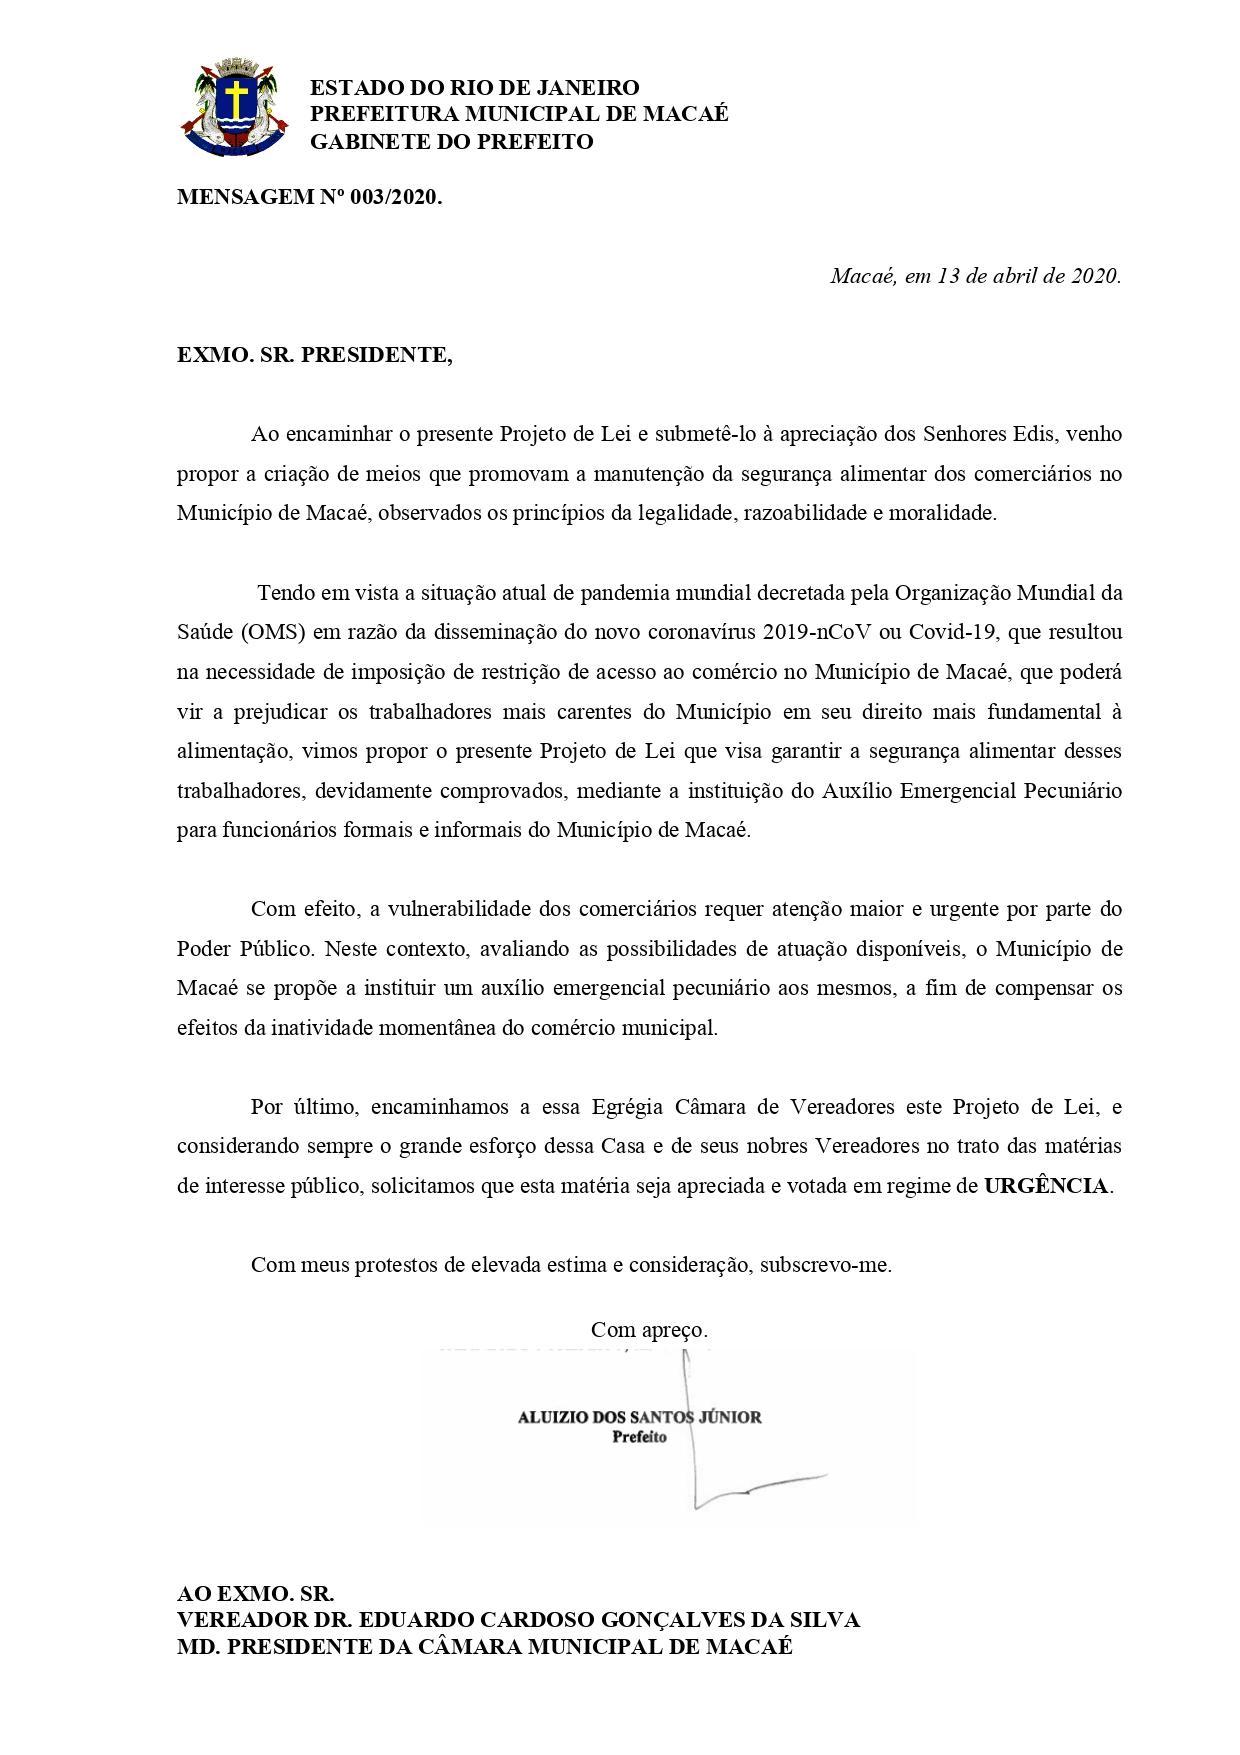 Projeto de lei assinado nesta segunda (13) propõe criação de auxílio financeiro de R$ 800